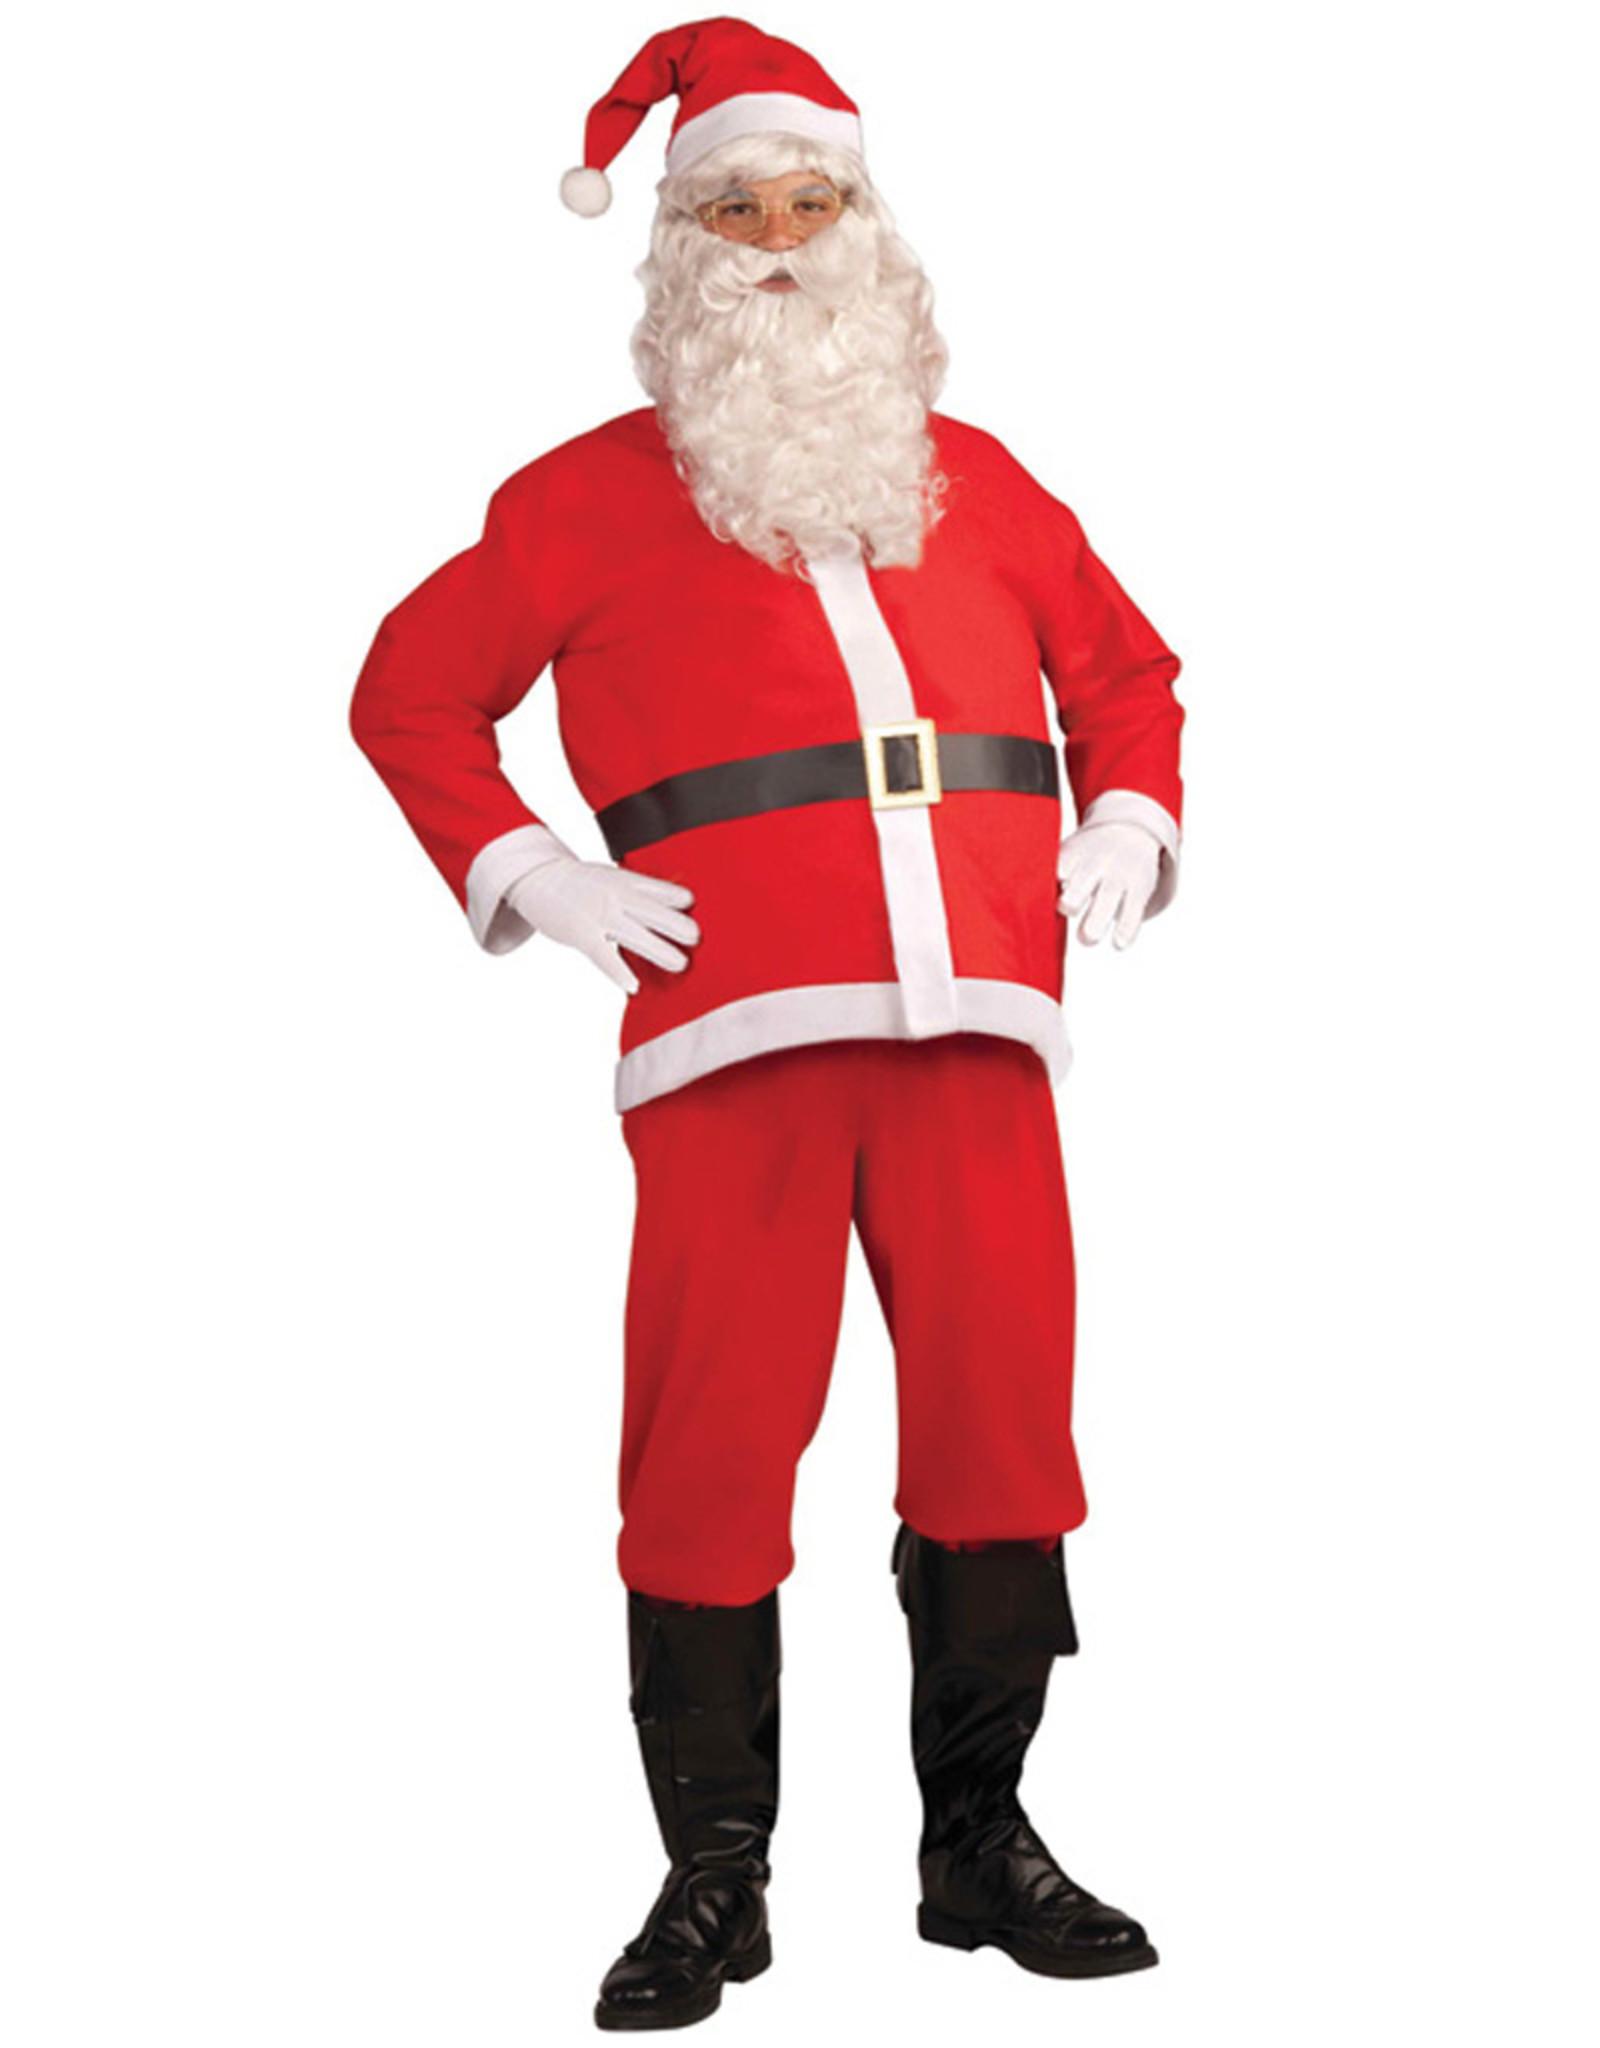 Promo Santa Claus Costume - Men's